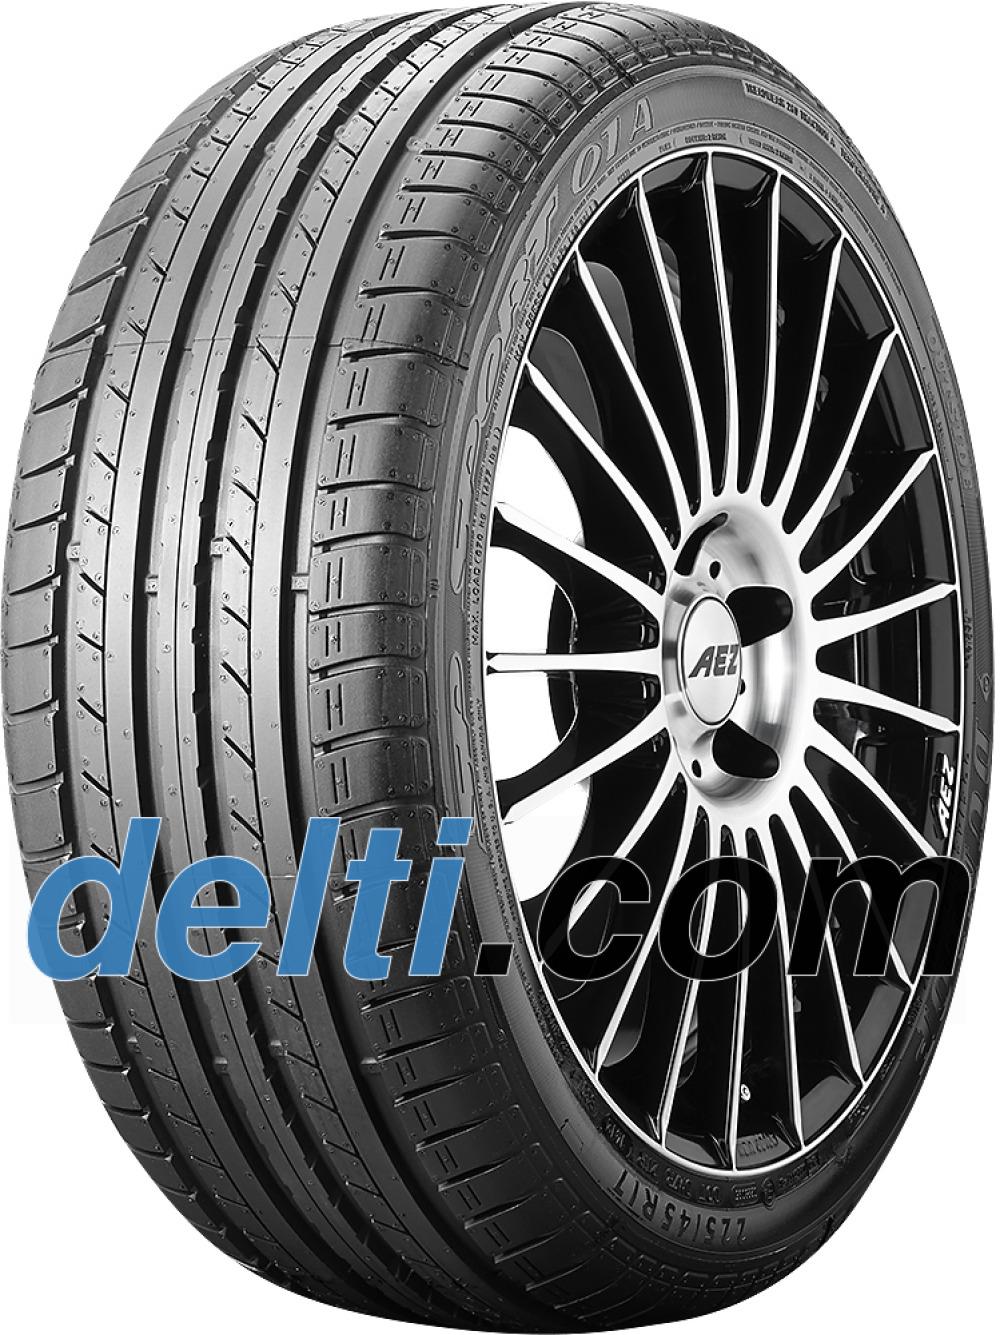 Dunlop SP Sport 01 A ( 245/45 ZR19 98Y *, mit Felgenschutz (MFS) )